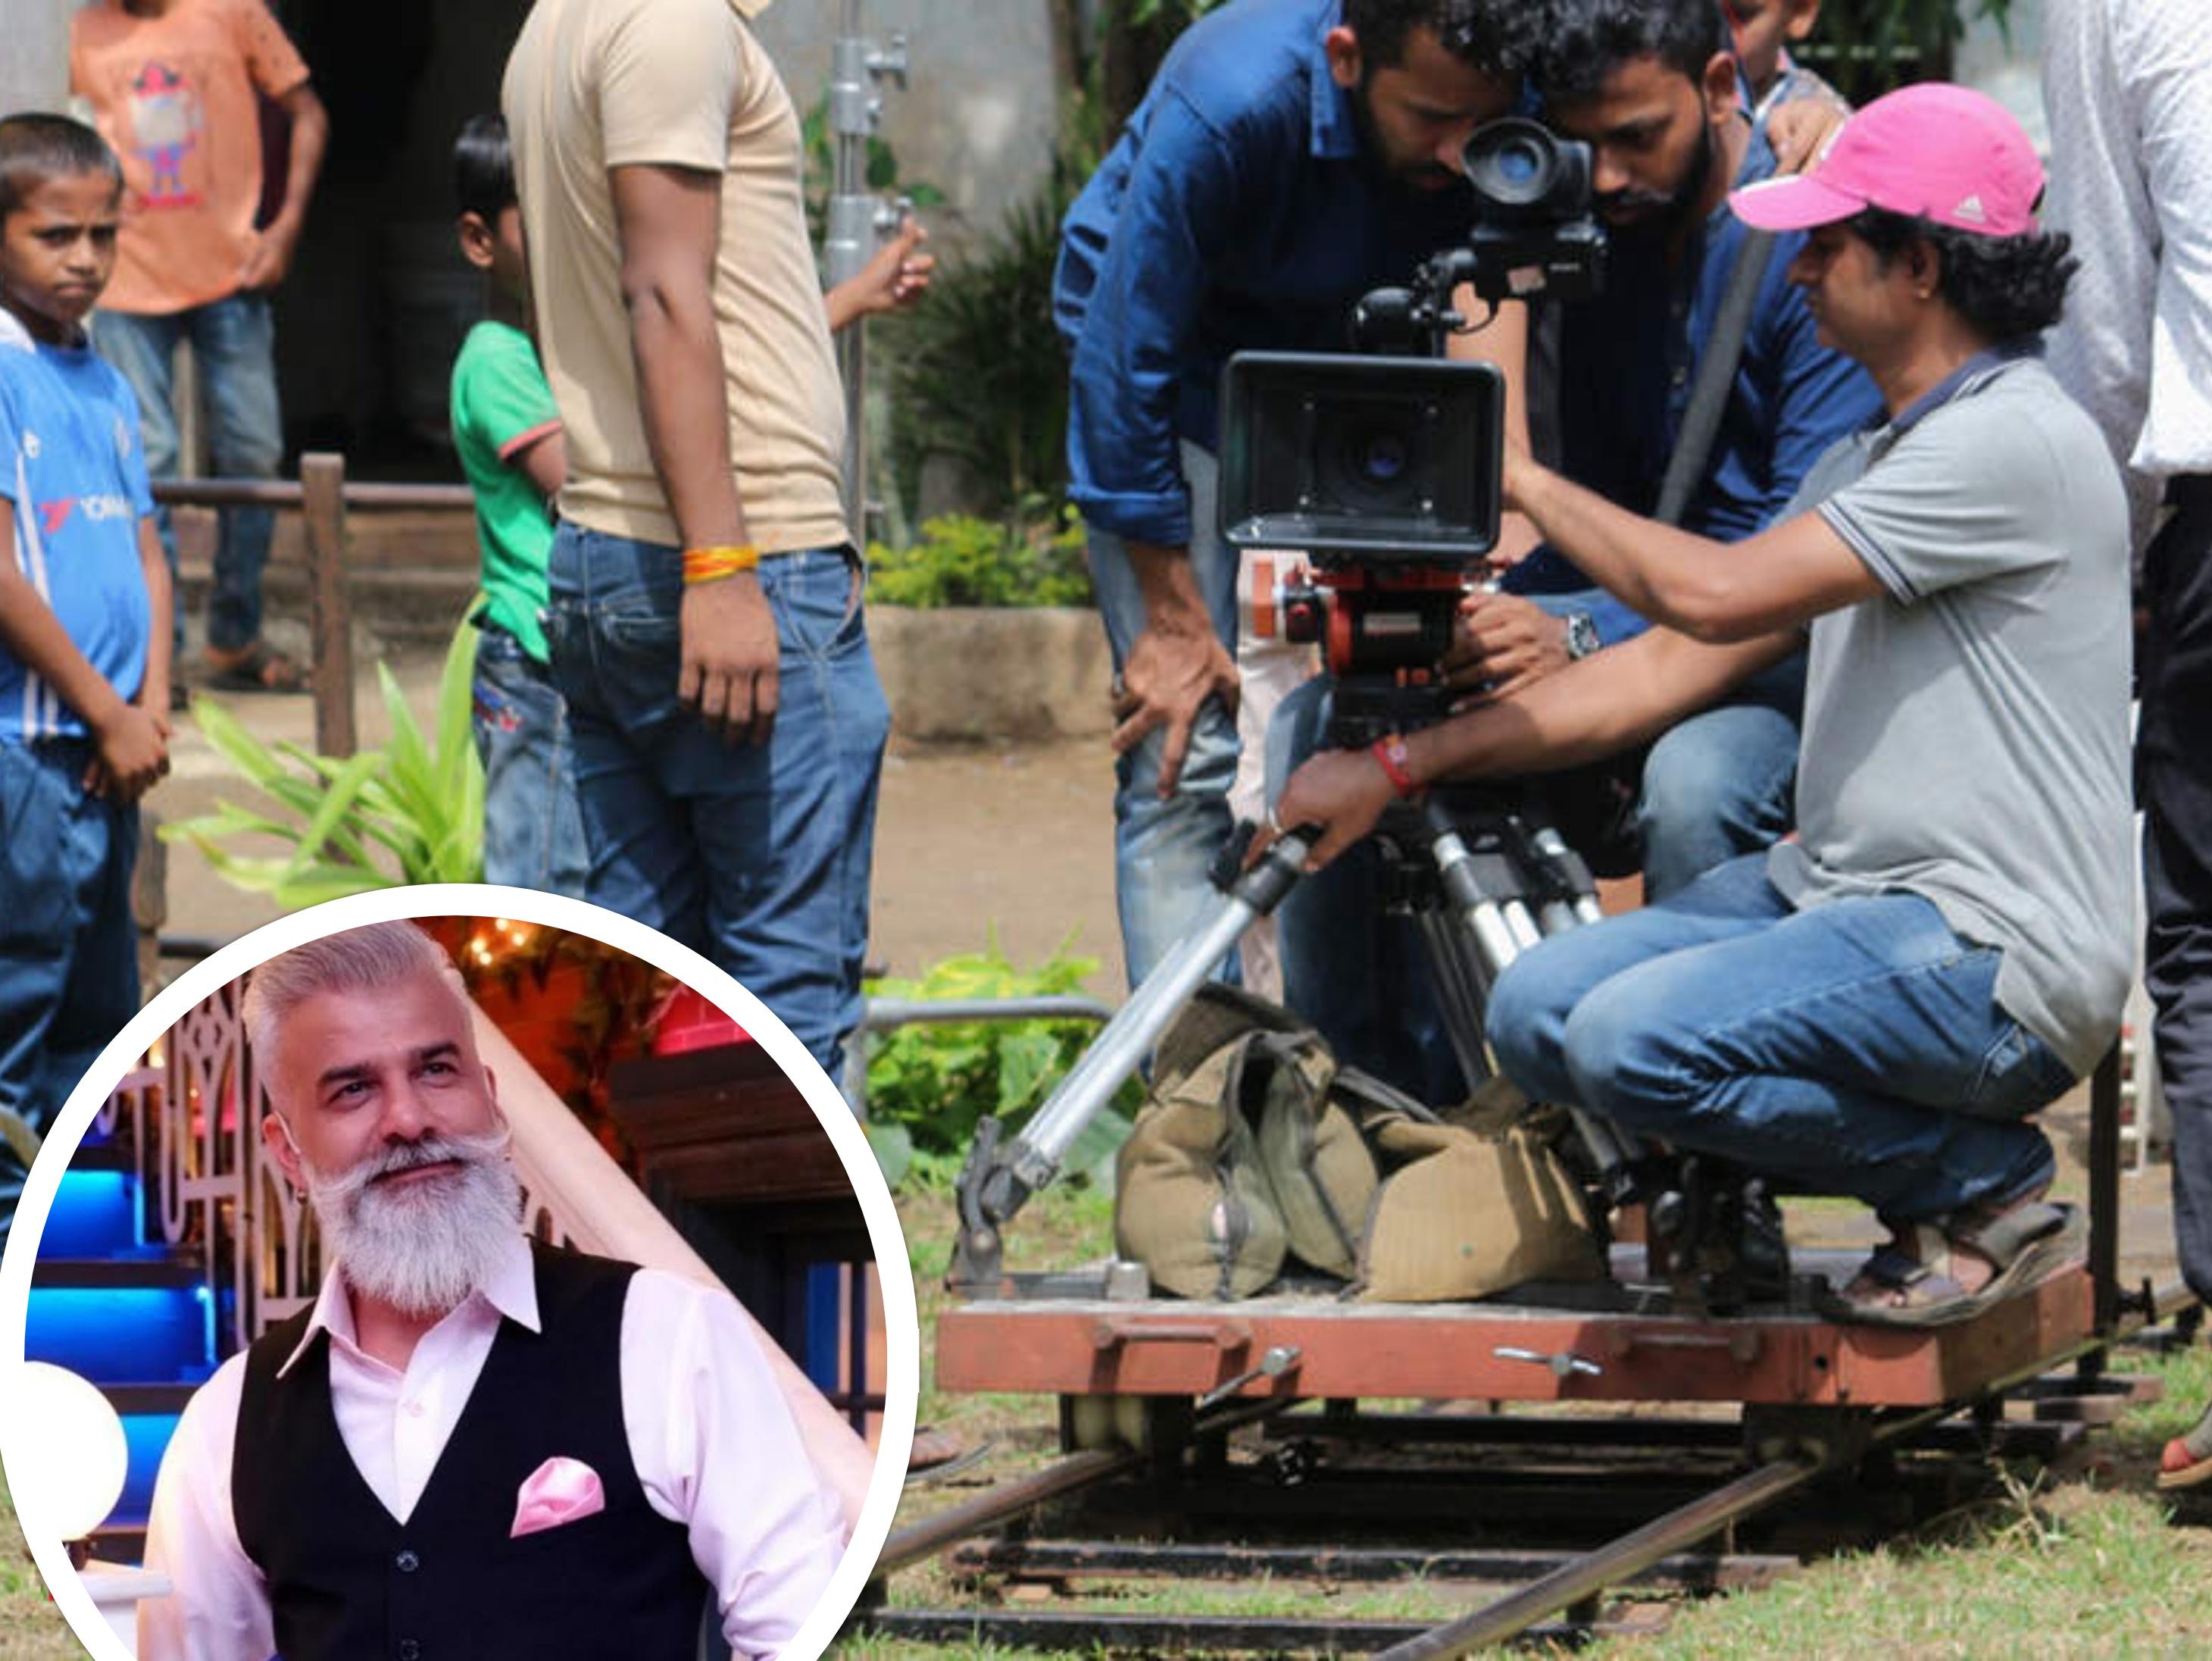 14 अप्रैल से नहीं होगी फिल्म-टीवी शो की शूटिंग, जेडी मजीठिया बोले- हम सरकार के साथ, लेकिन हम भी फ्रंटलाइन वॉरियर्स हैं बॉलीवुड,Bollywood - Dainik Bhaskar